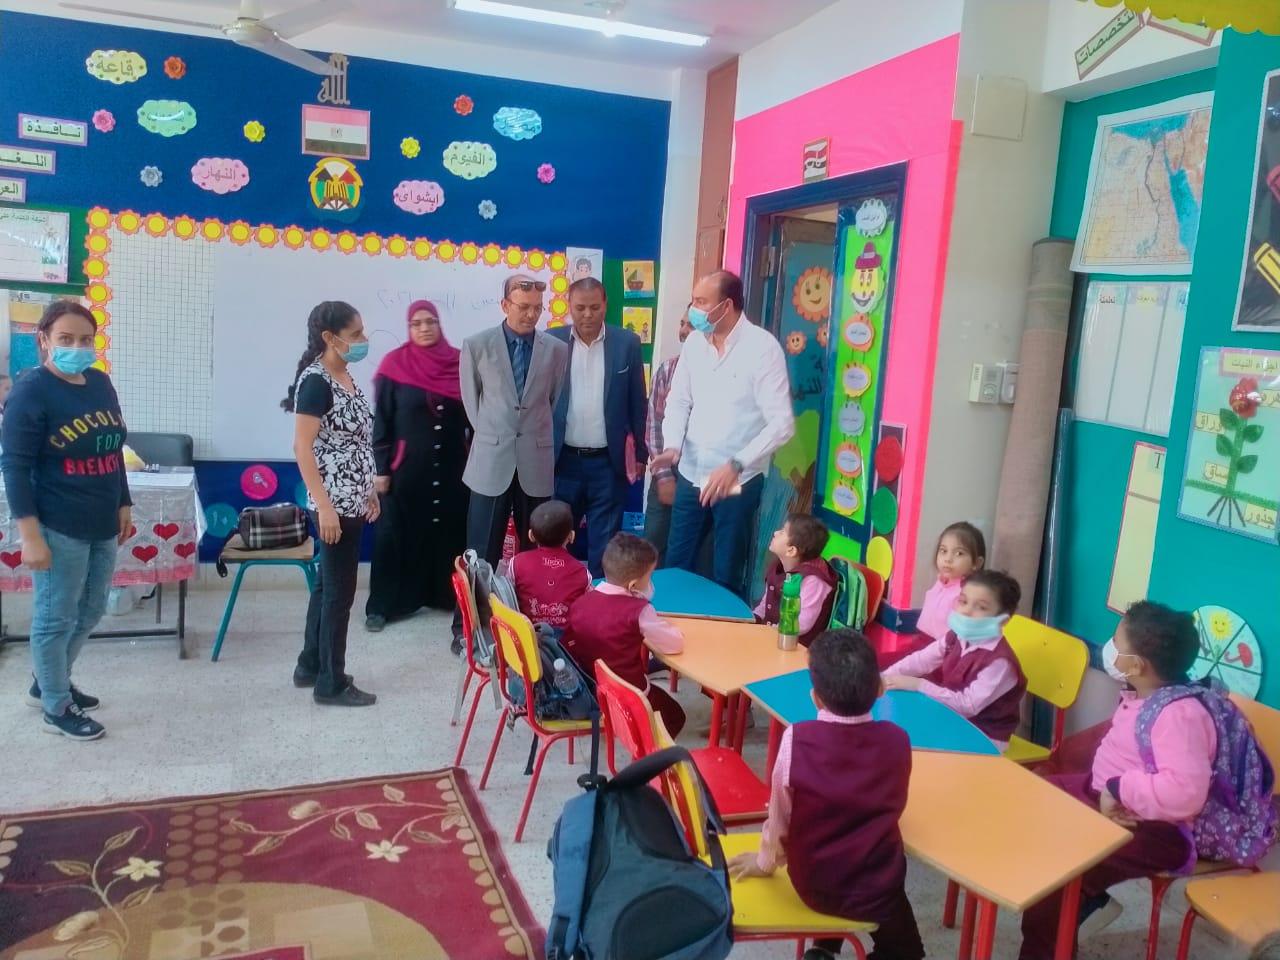 مسعود والنعيمي يقومان بالمرور علي المدارس للاطمئنان على سير العملية التعليمية.